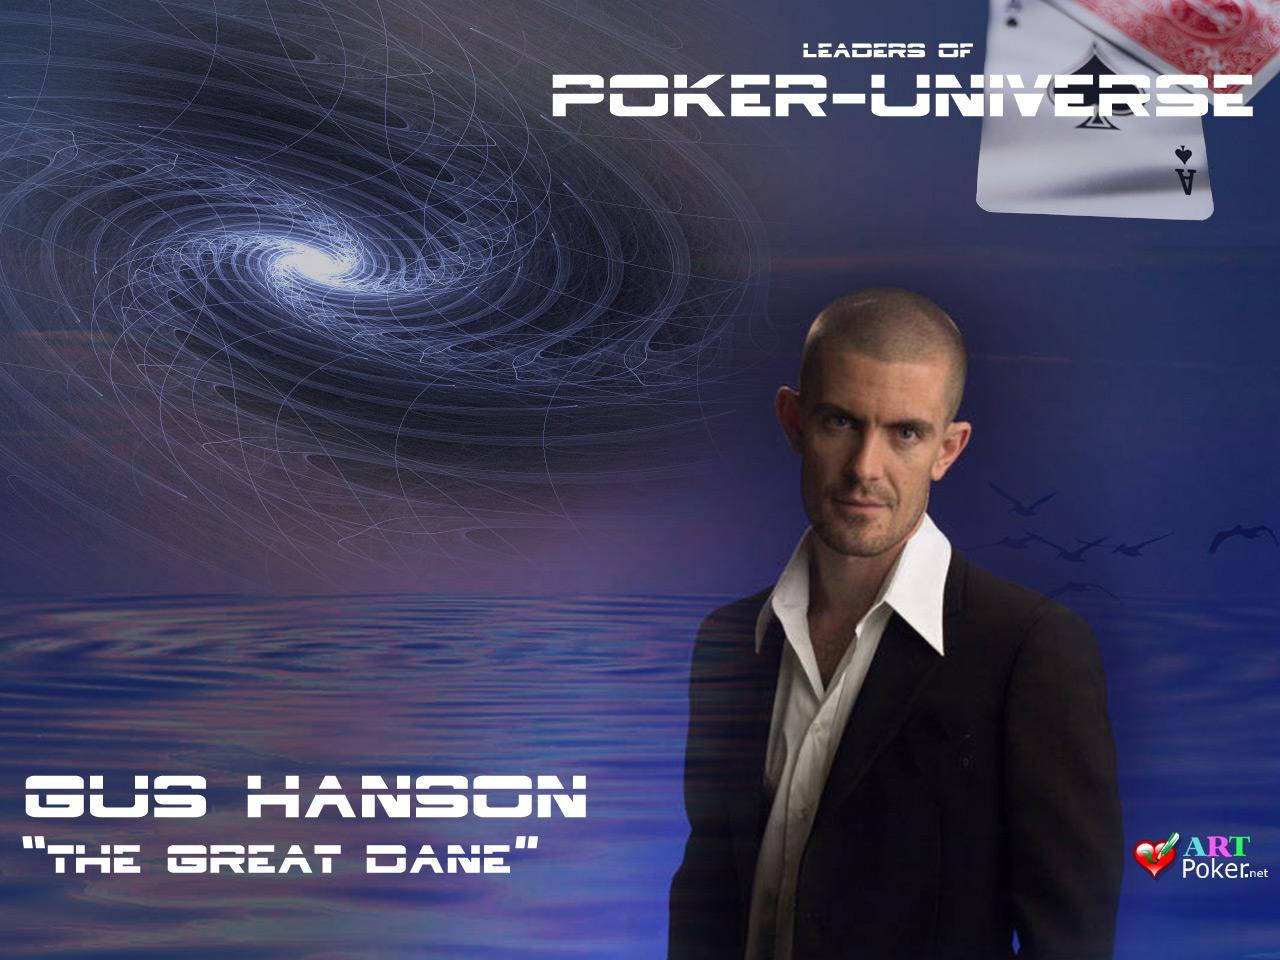 hanson logo wallpaper